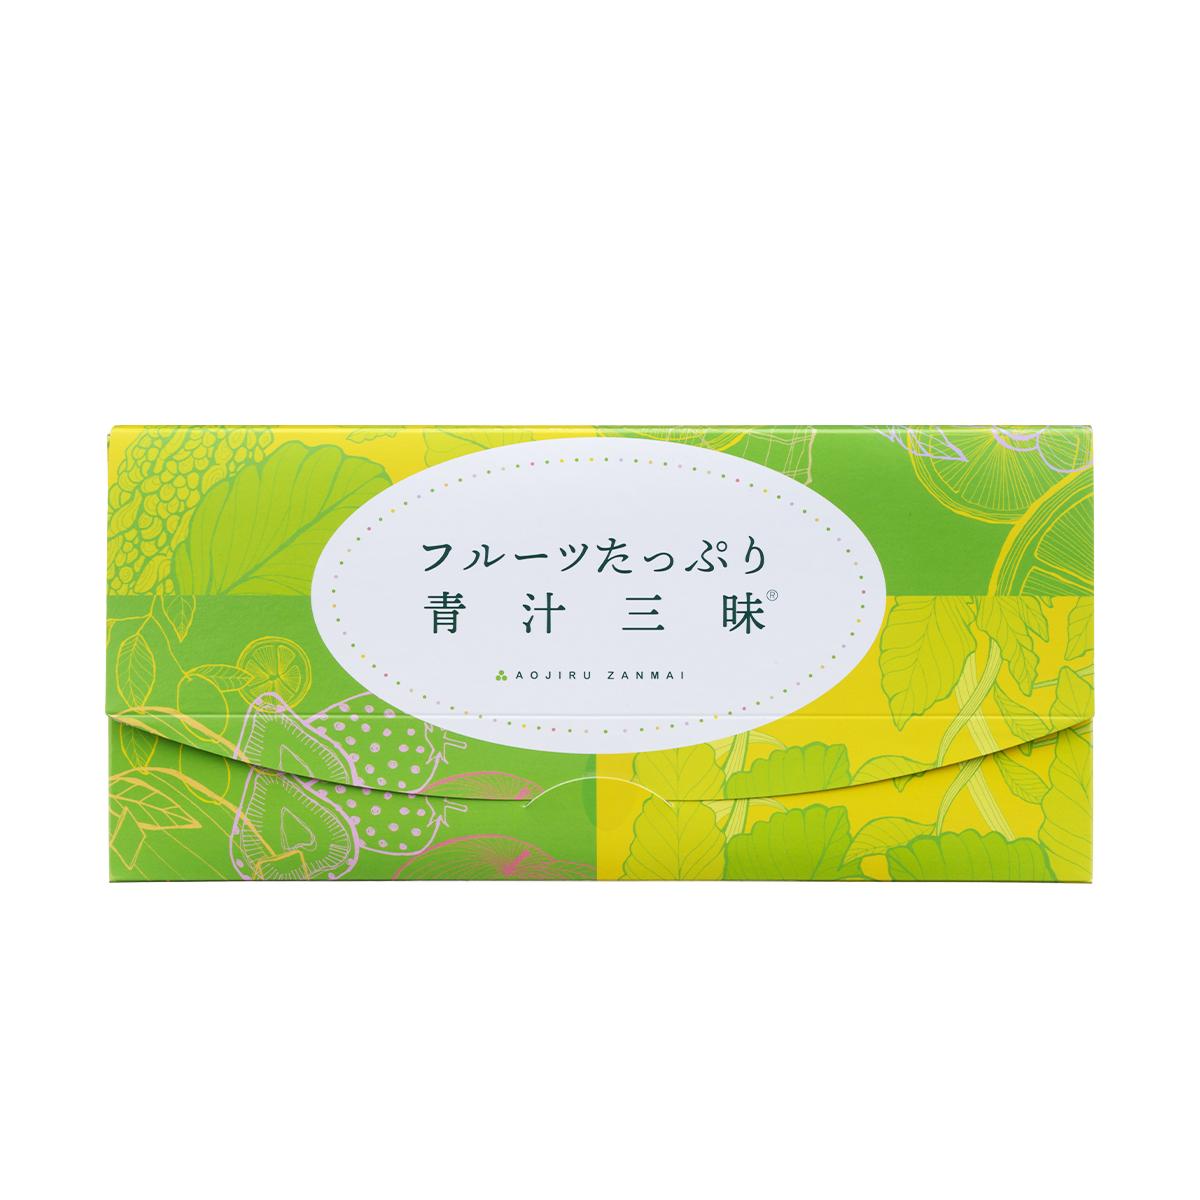 【1箱】フルーツたっぷり青汁三昧